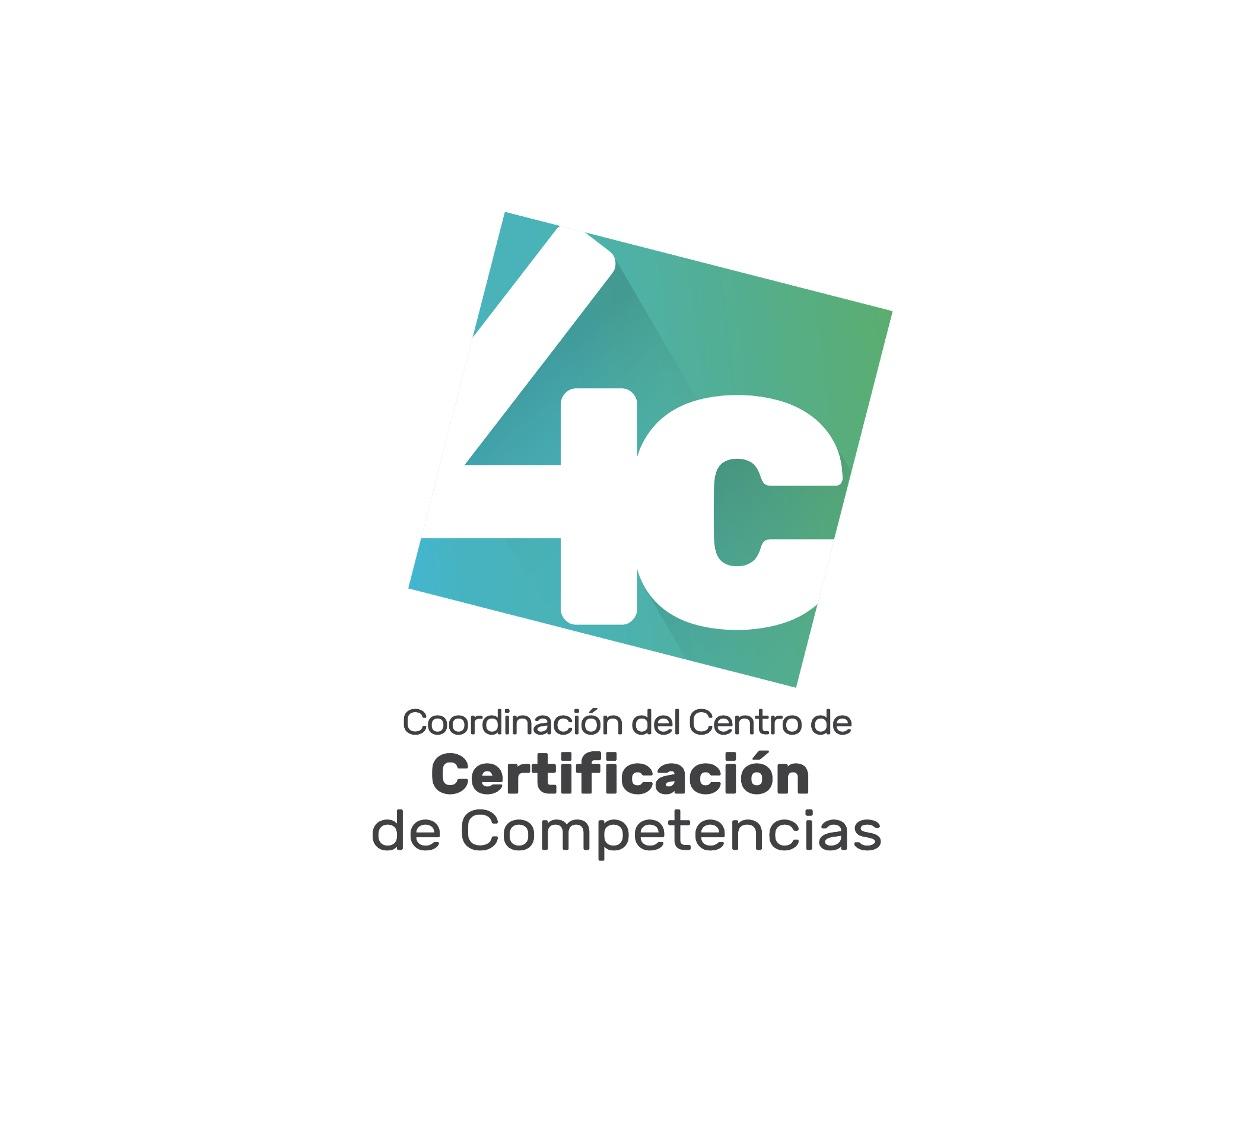 Centro de Certificación de Competencias